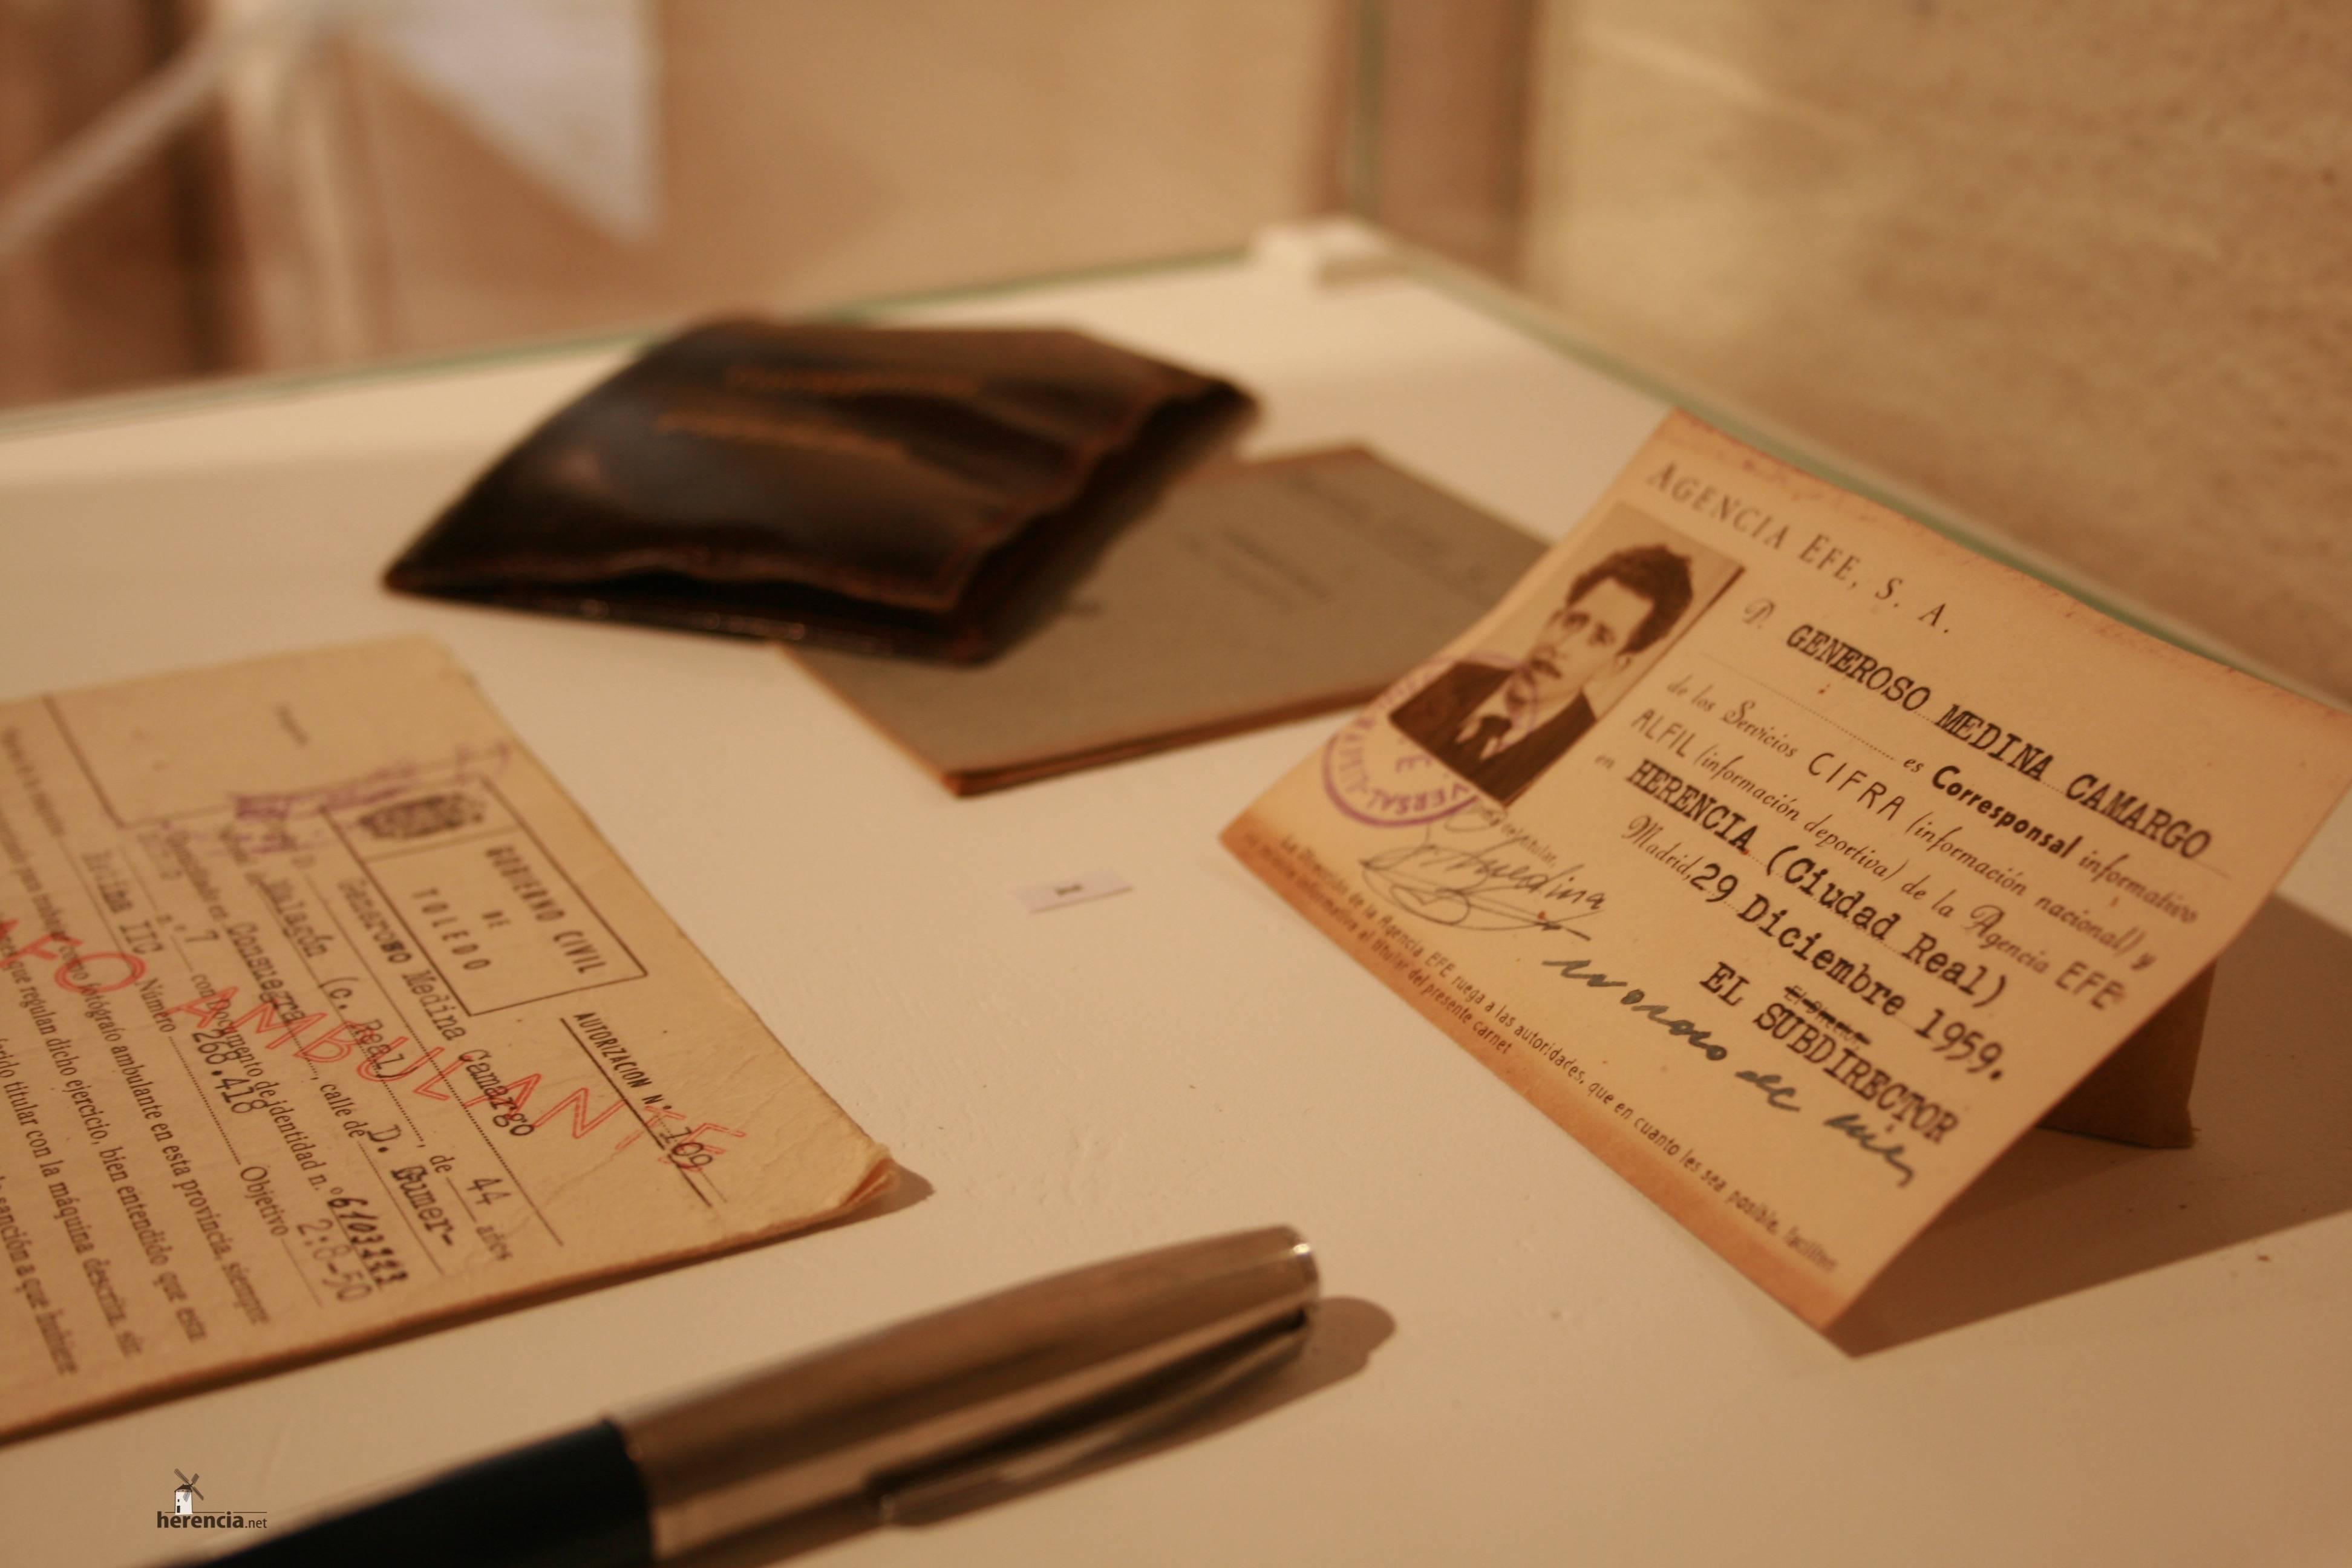 exposicion generoso medina 2 - La exposición de Generoso Medina ampliada una semana